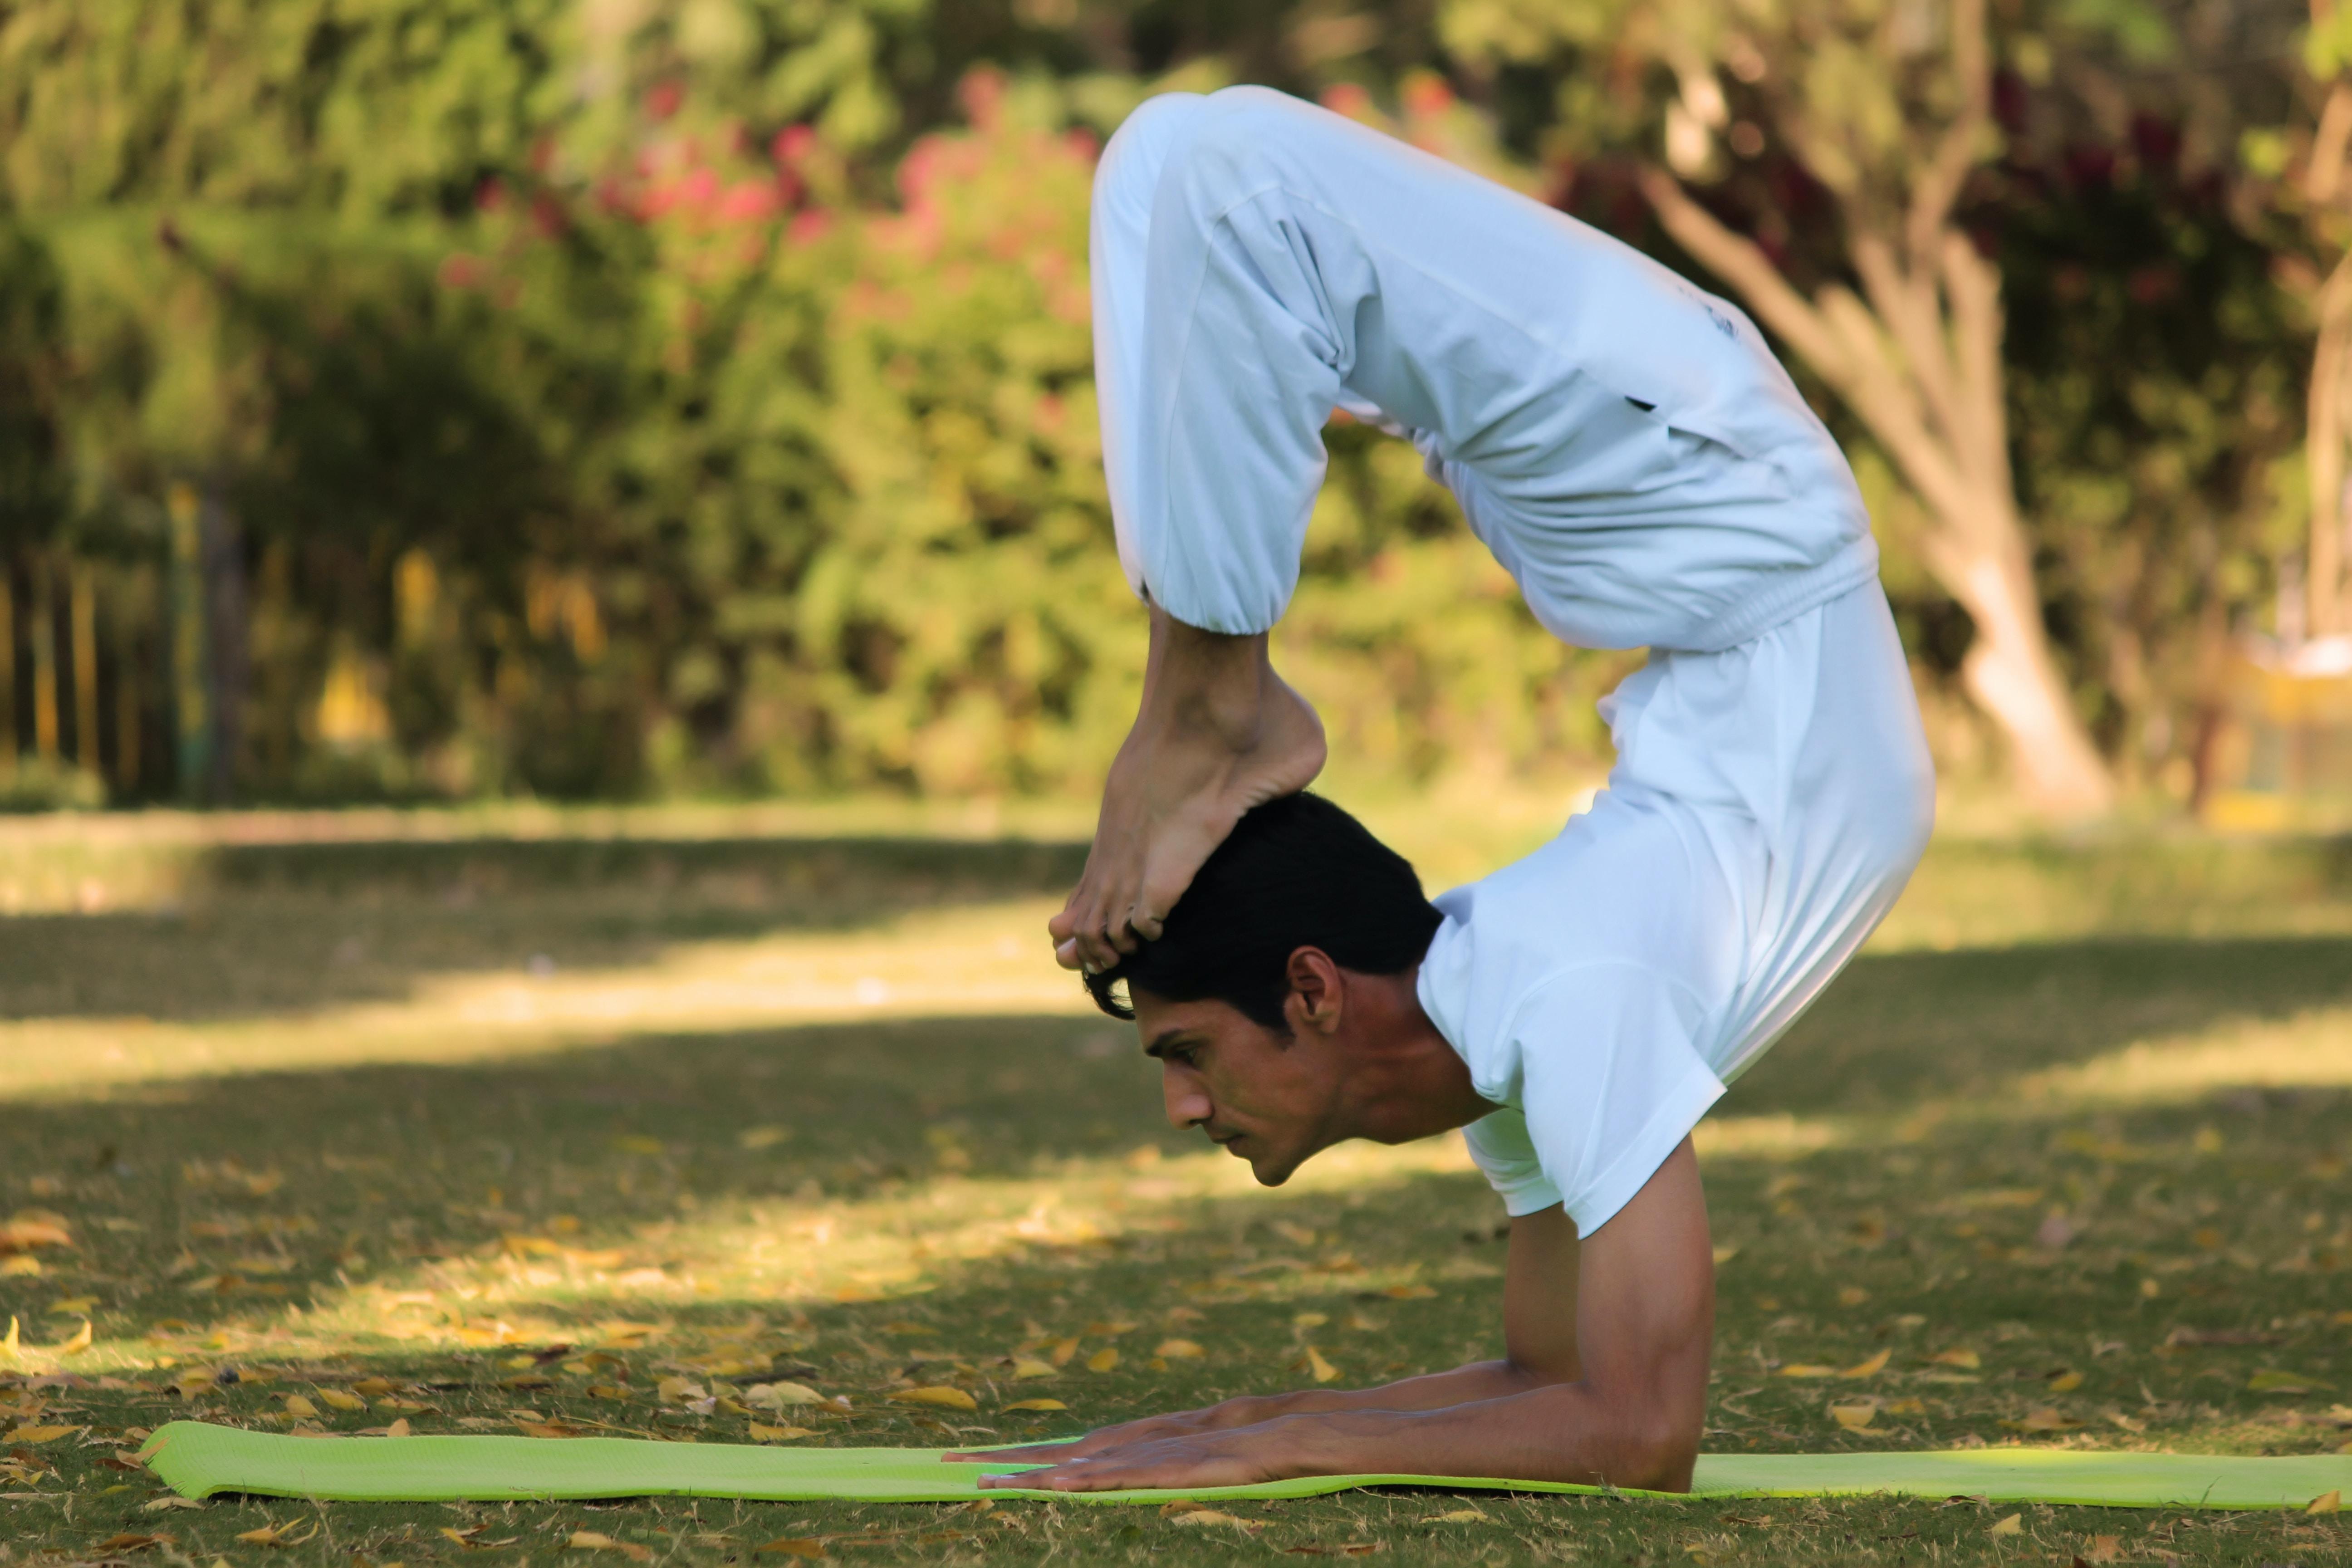 man acrobating on green pad during daytime